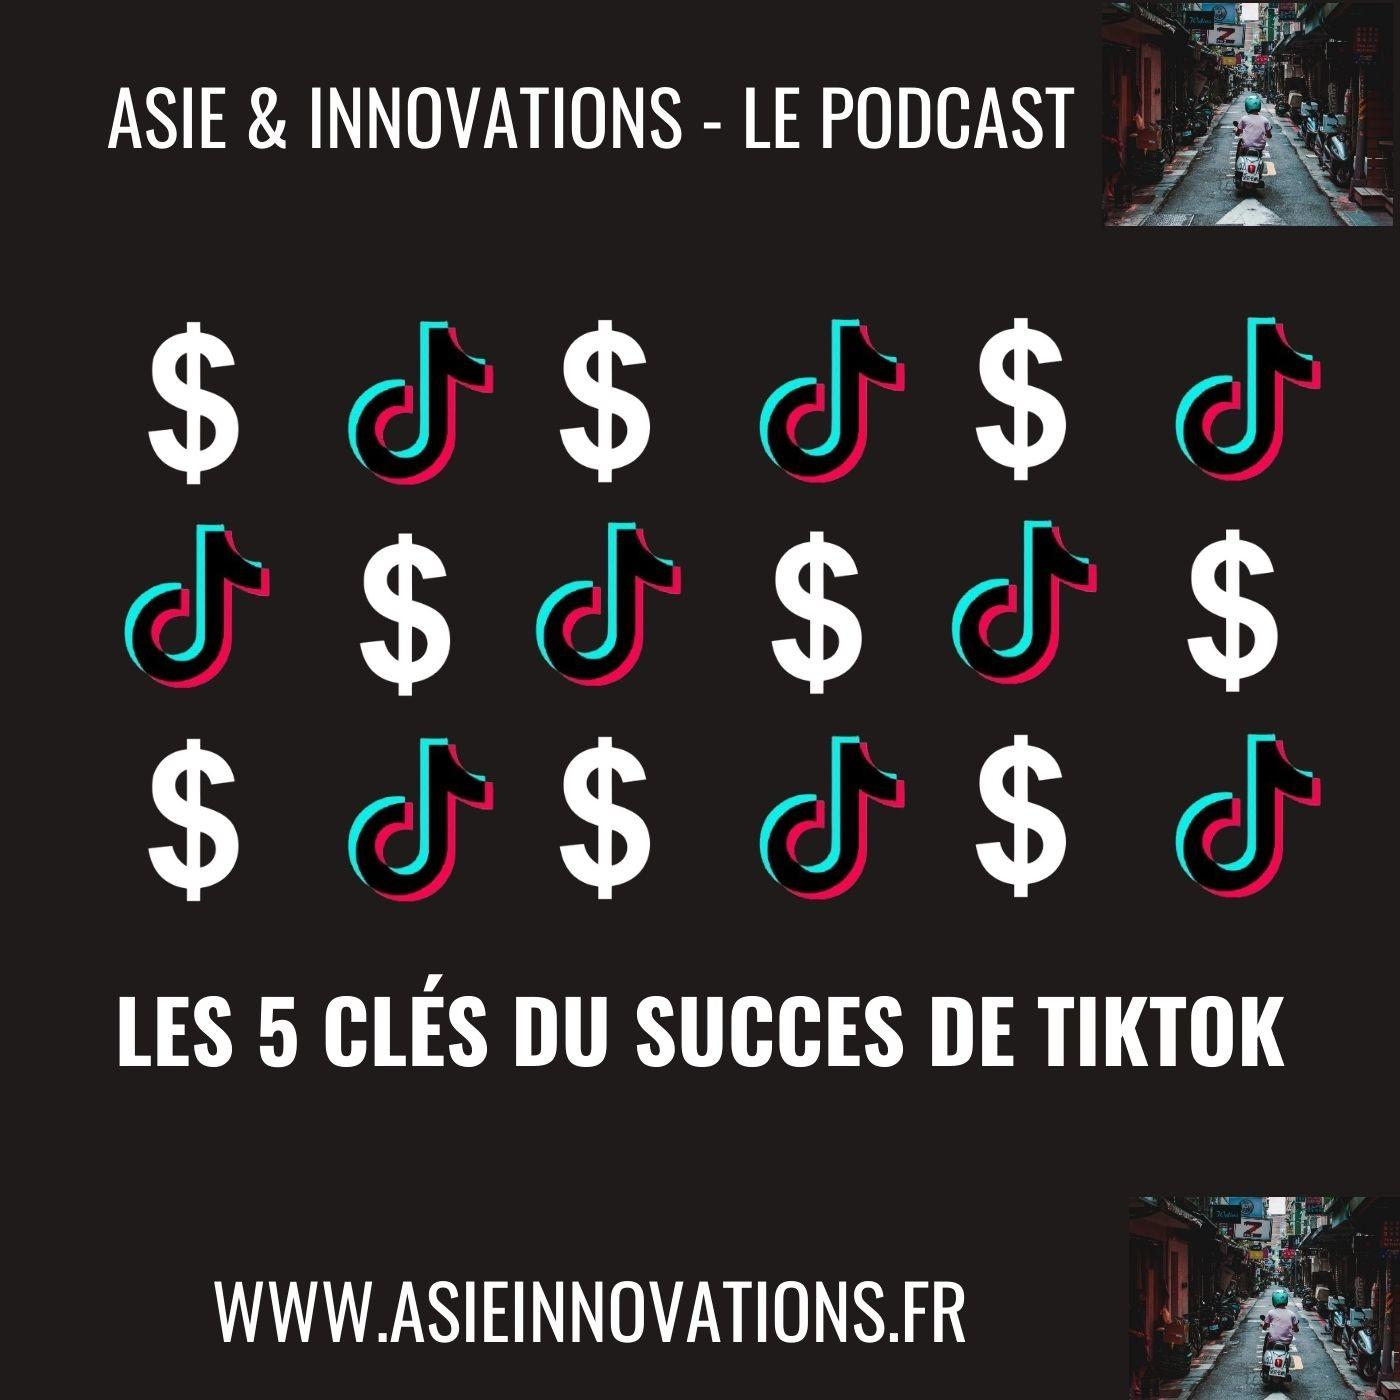 Les 5 clés du succès de TikTok